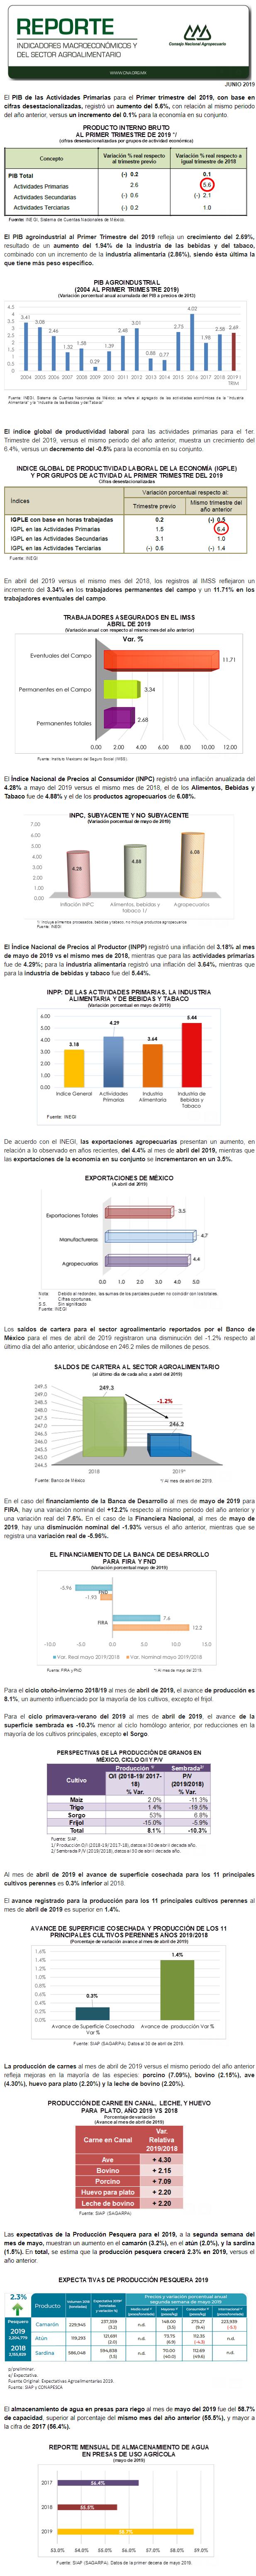 REPORTE DE INDICADORES MACROECONÓMICOS Y SECTORIALES DEL MES DE JUNIO DEL 2019